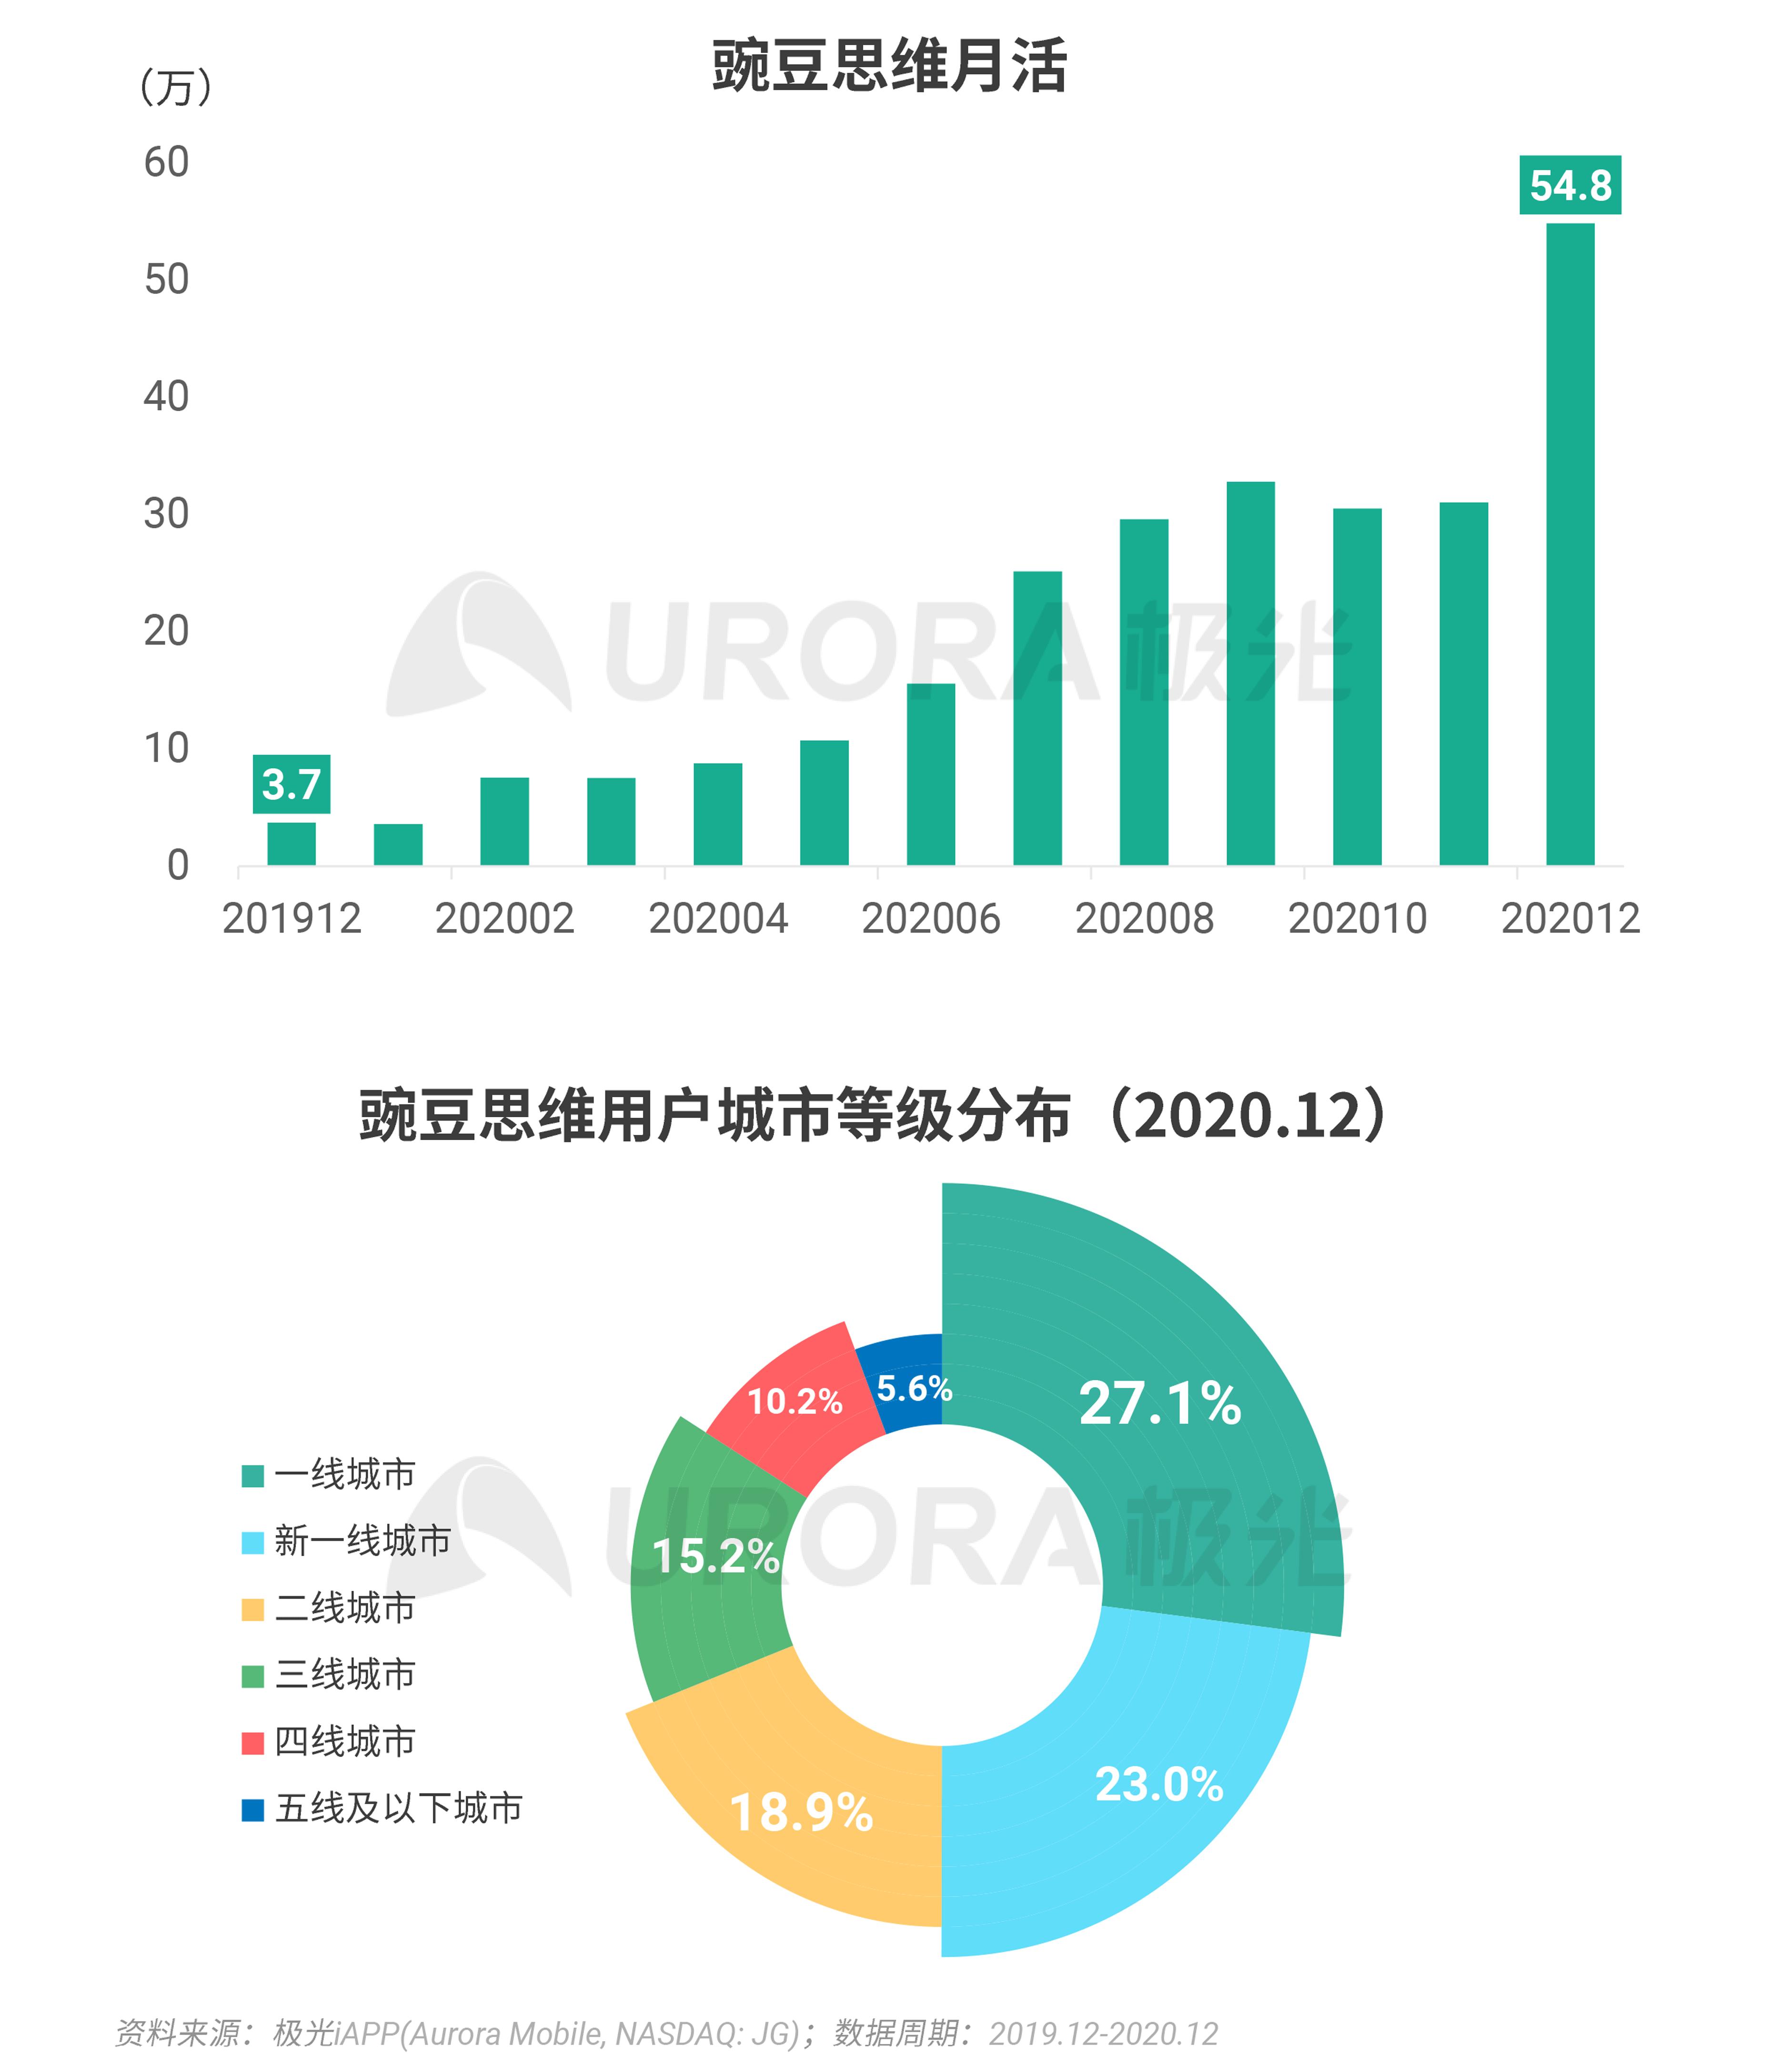 极光:2020年Q4移动互联网行业数据研究报告 (8).png